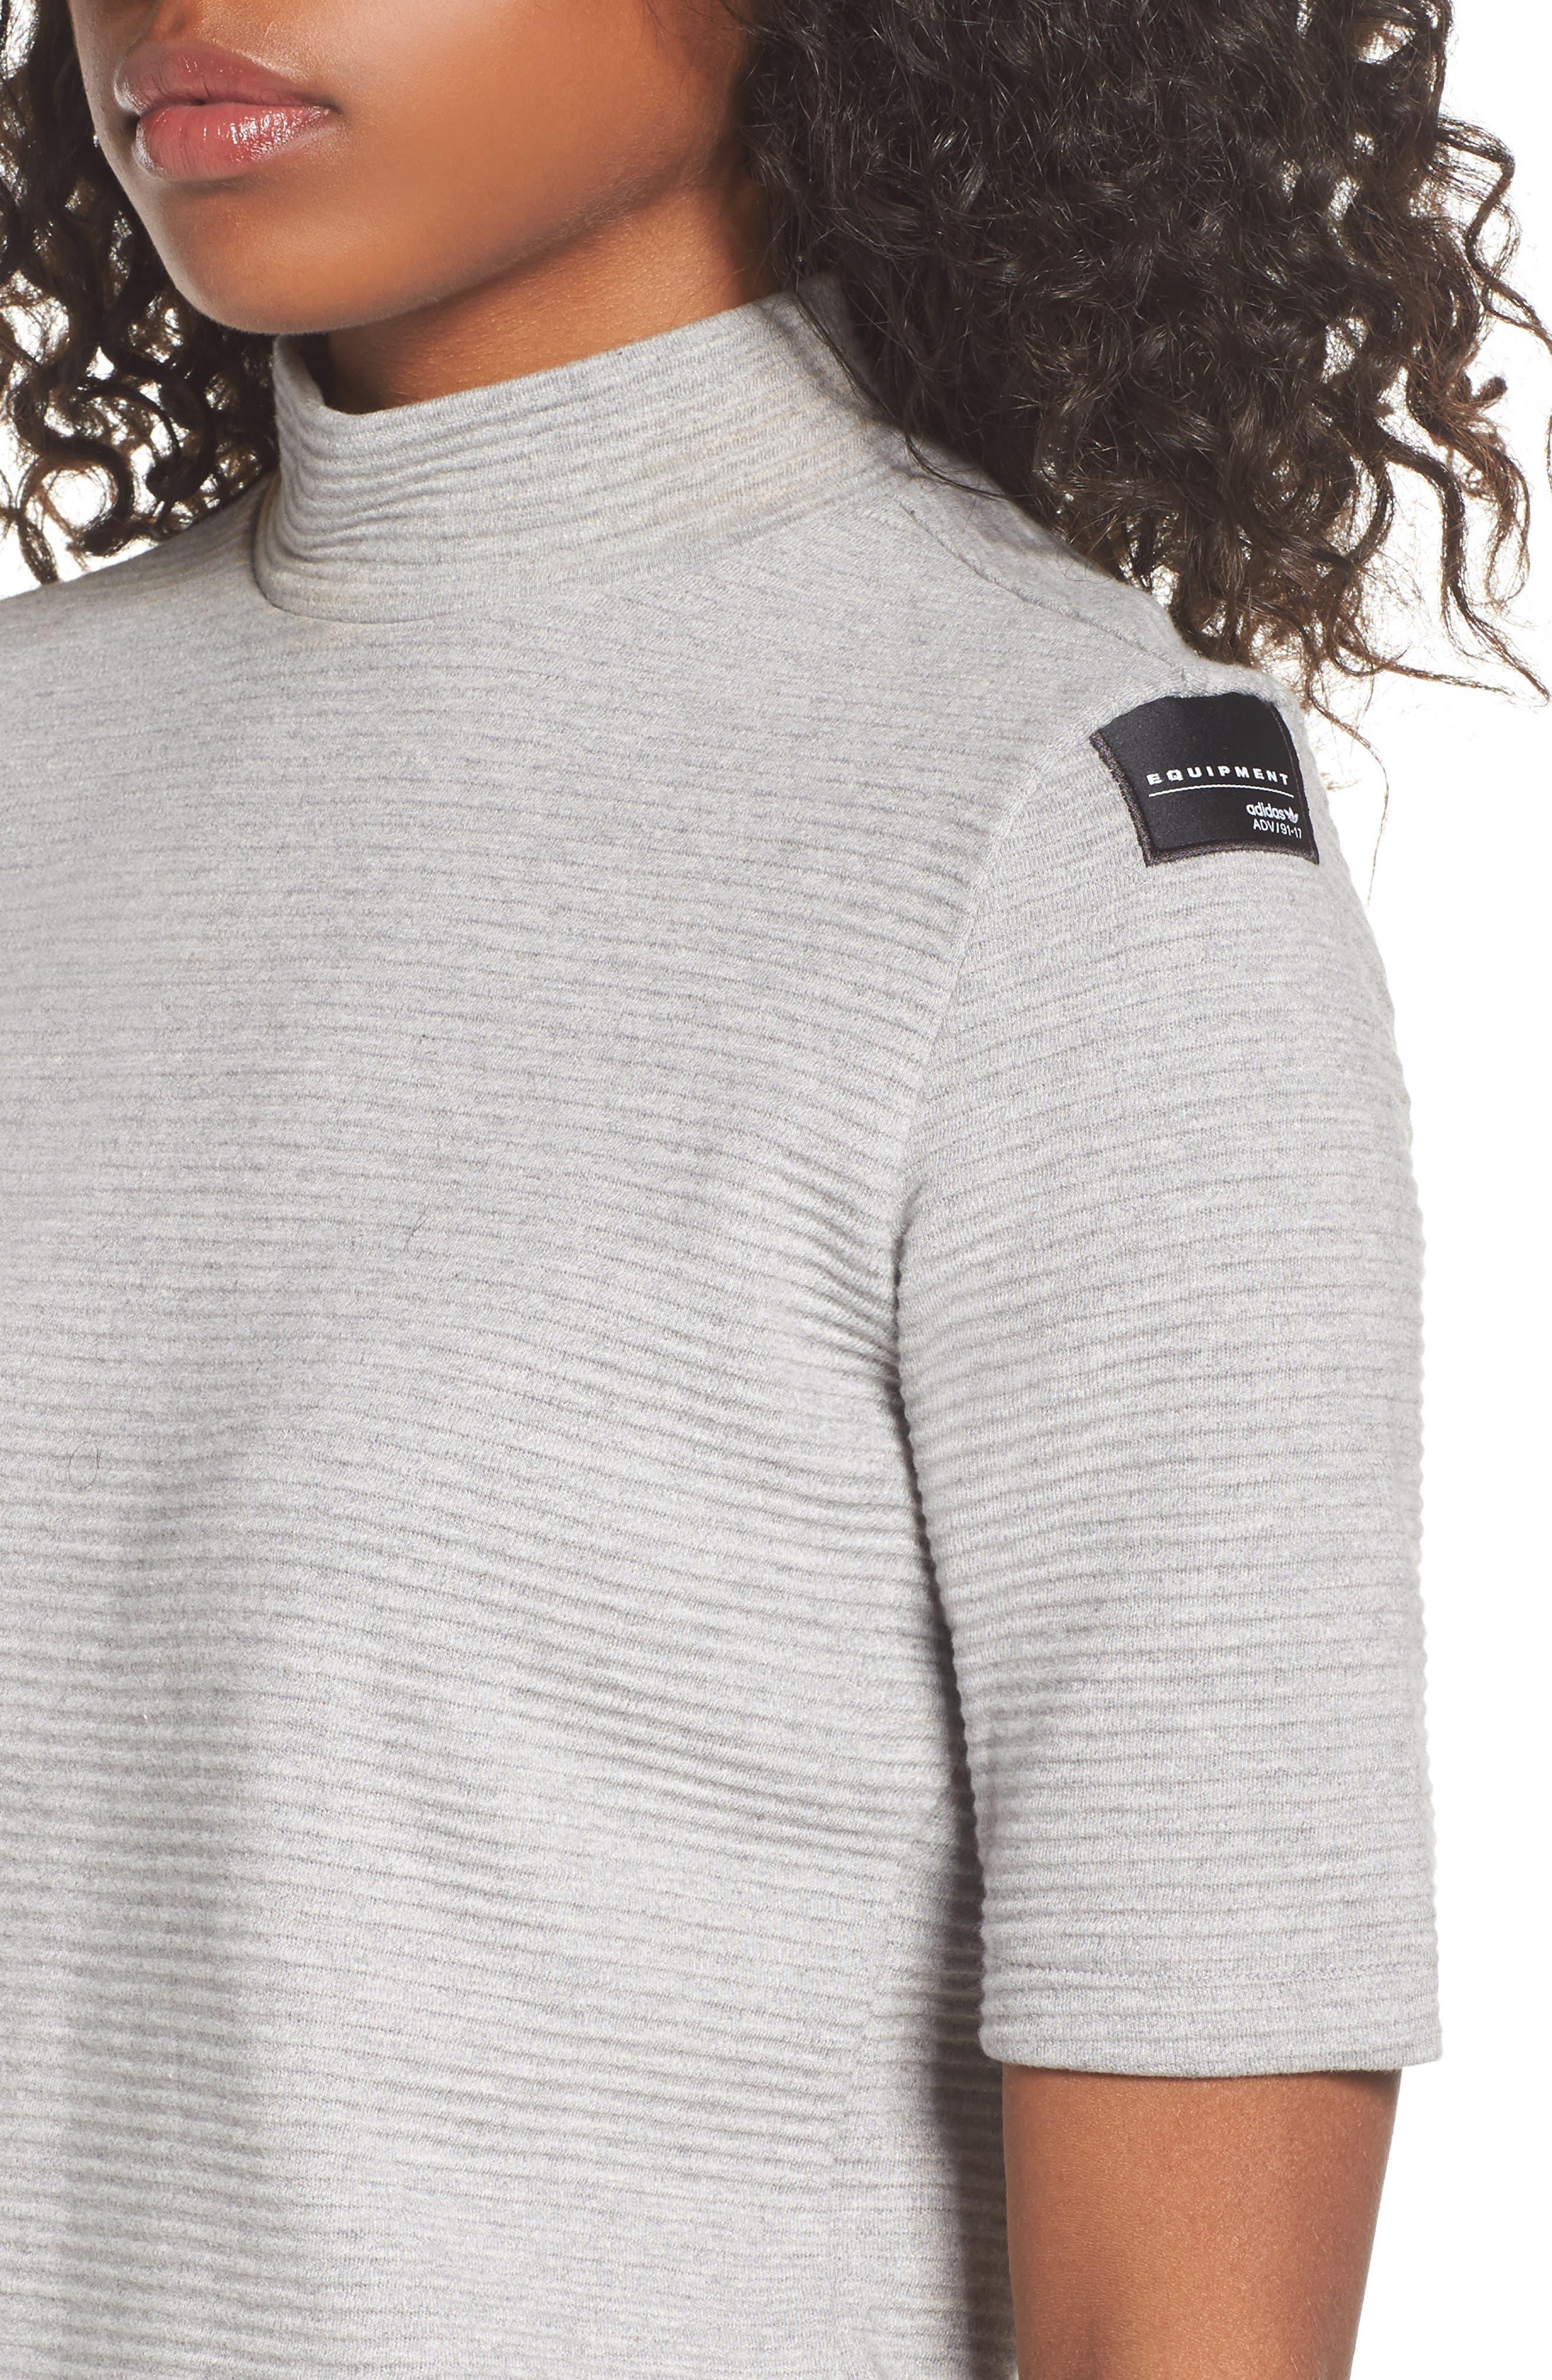 Originals EQT Sweatshirt,                             Alternate thumbnail 4, color,